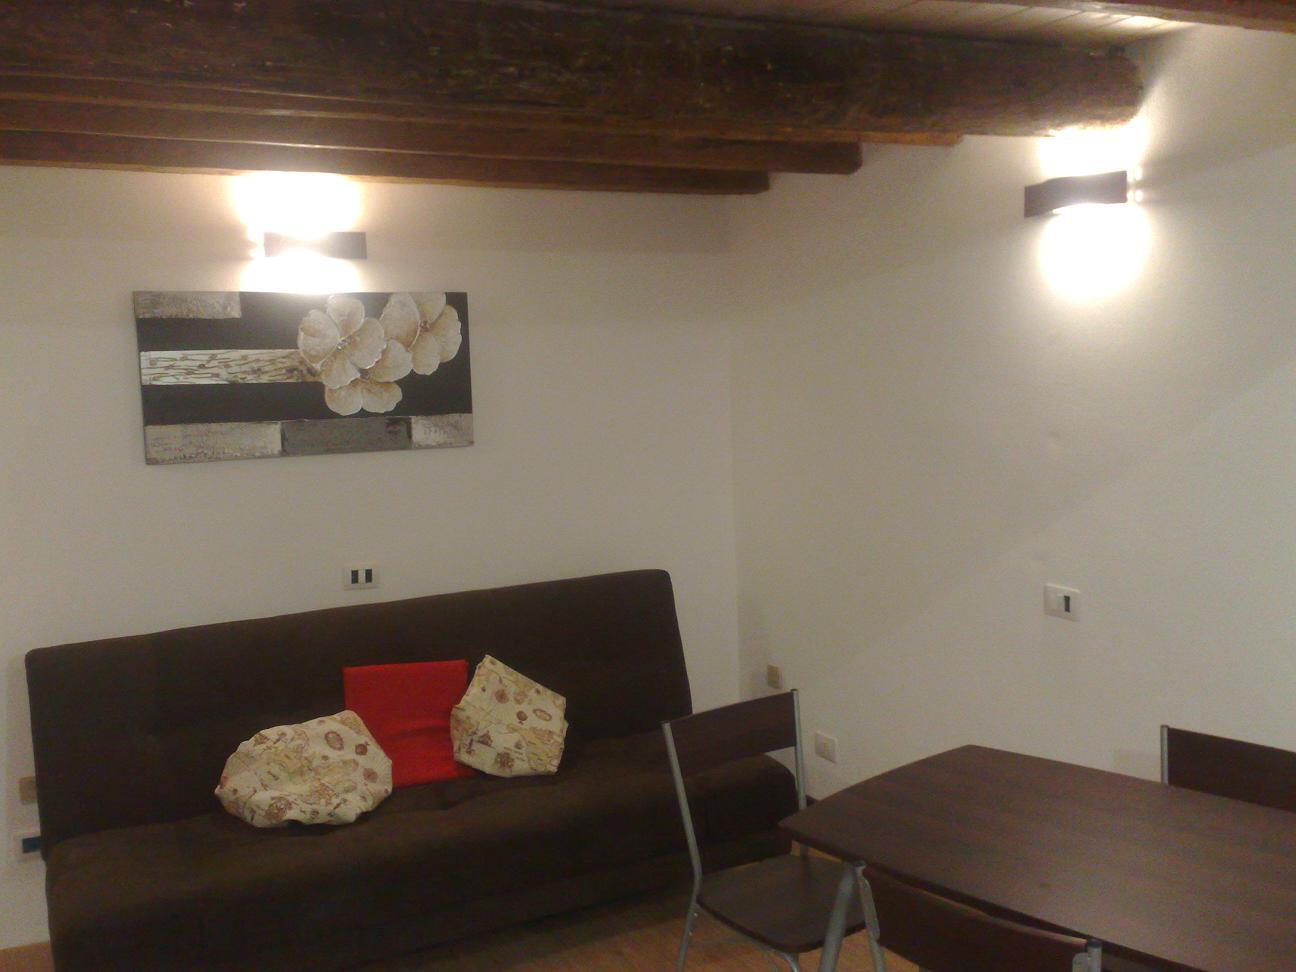 Foto affitto casa vacanze mare lampedusa for Soggiorno lampedusa